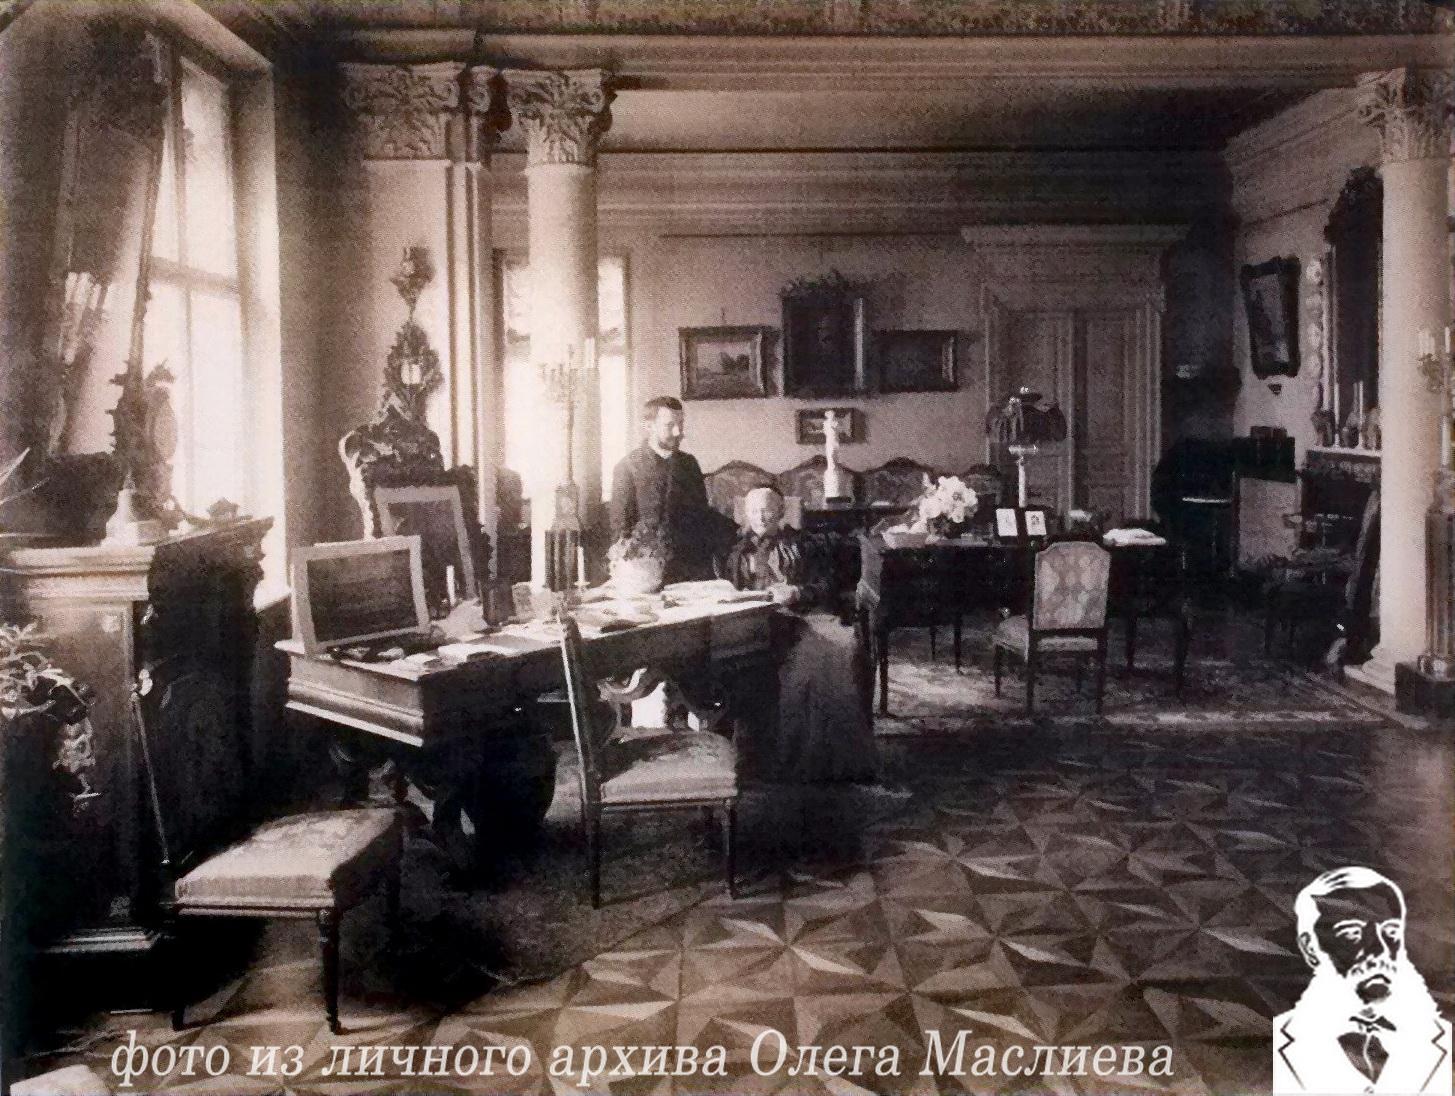 Фото Елизаветы-Каролины-Анны фон Гуттен-Чапской и Феликса Корреры в кабинете Э.Гуттен-Чапского в Кракове в 1897 году